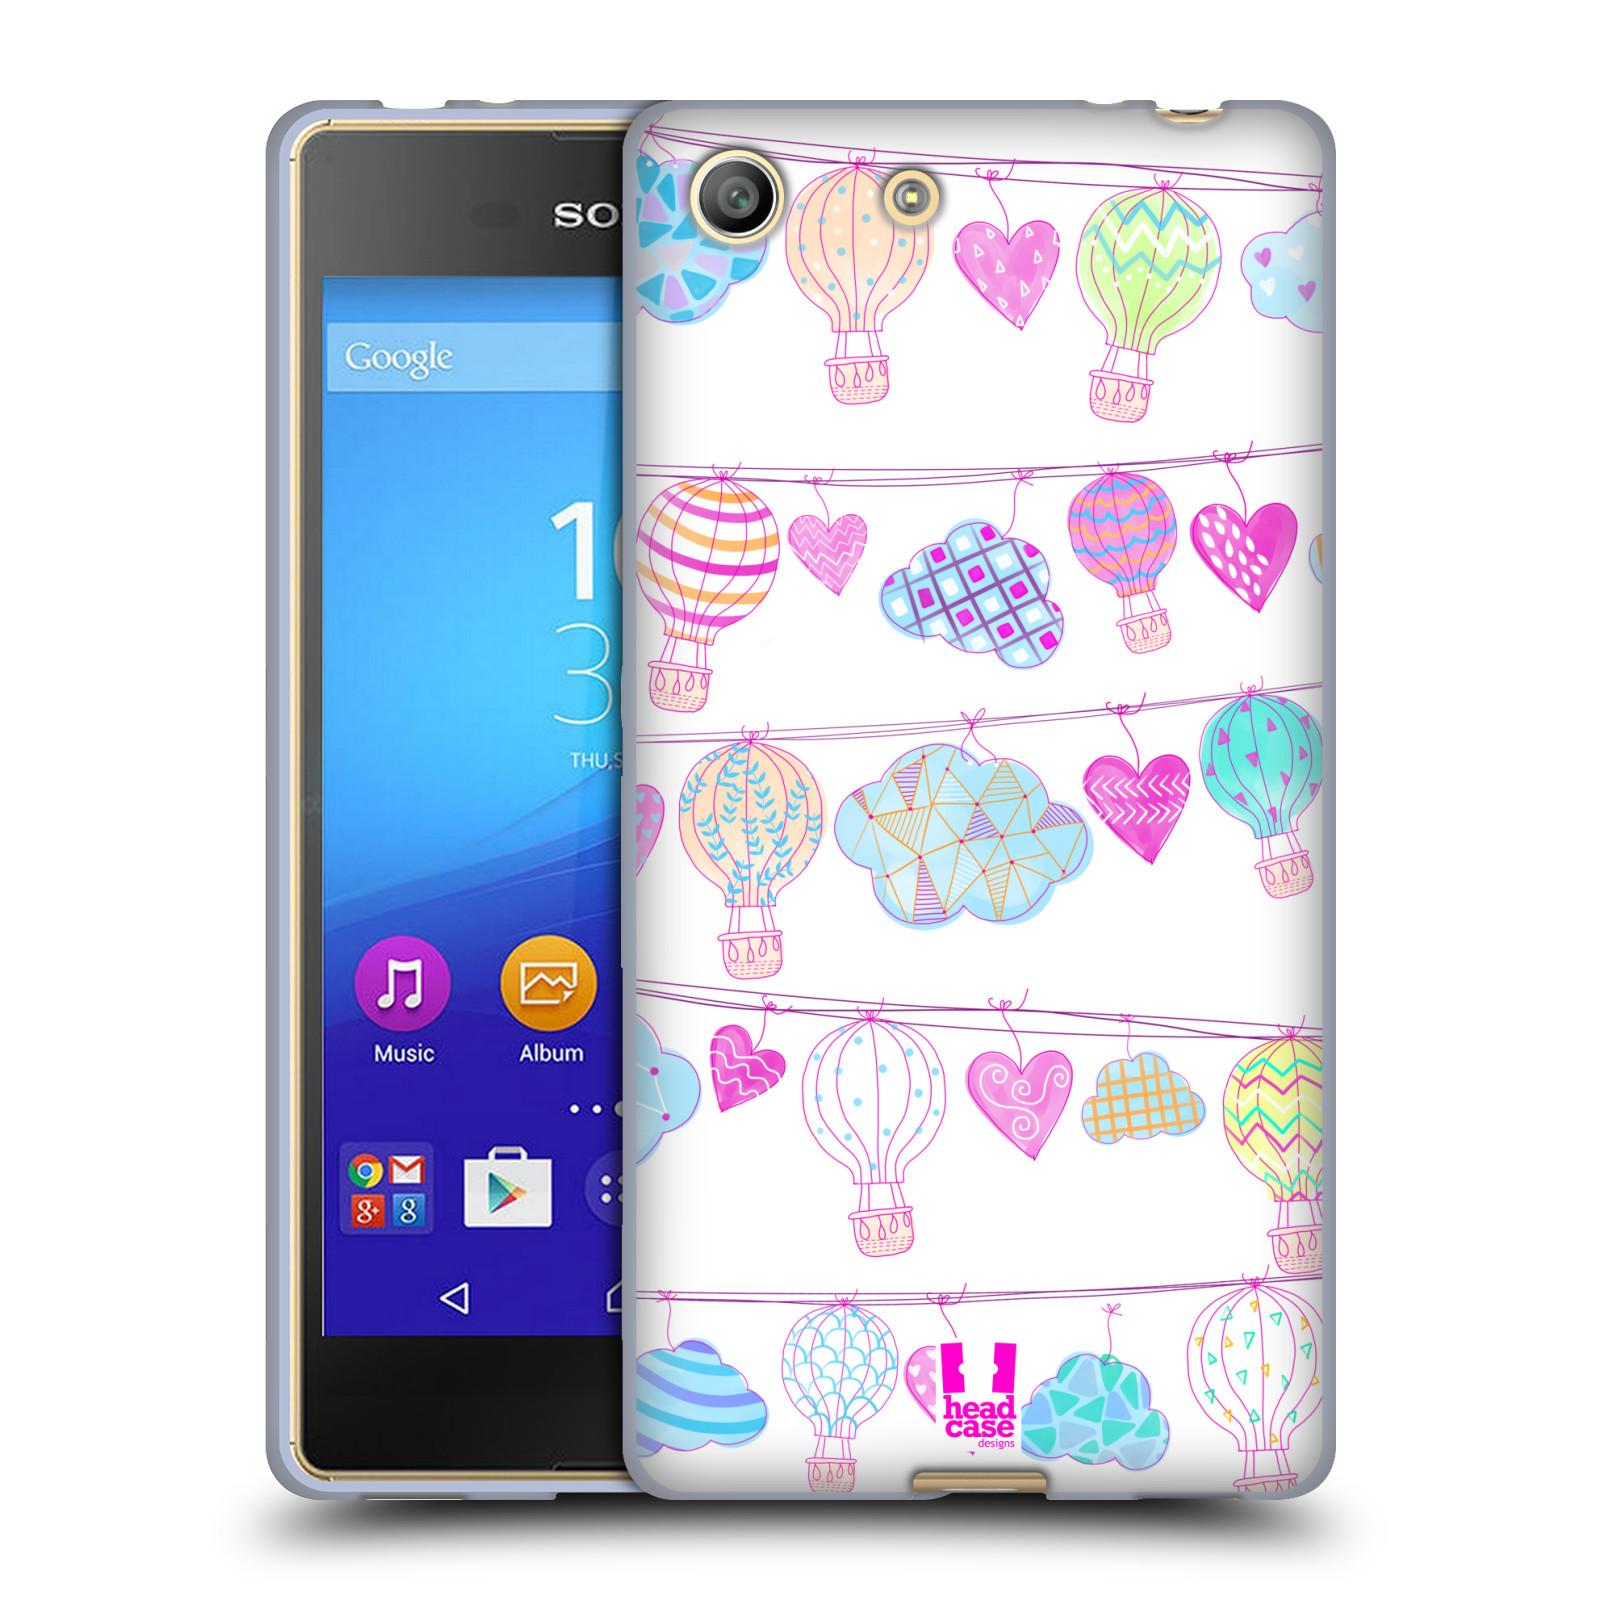 Silikonové pouzdro na mobil Sony Xperia M5 HEAD CASE Balóny a srdíčka (Silikonový kryt či obal na mobilní telefon Sony Xperia M5 Dual SIM / Aqua)